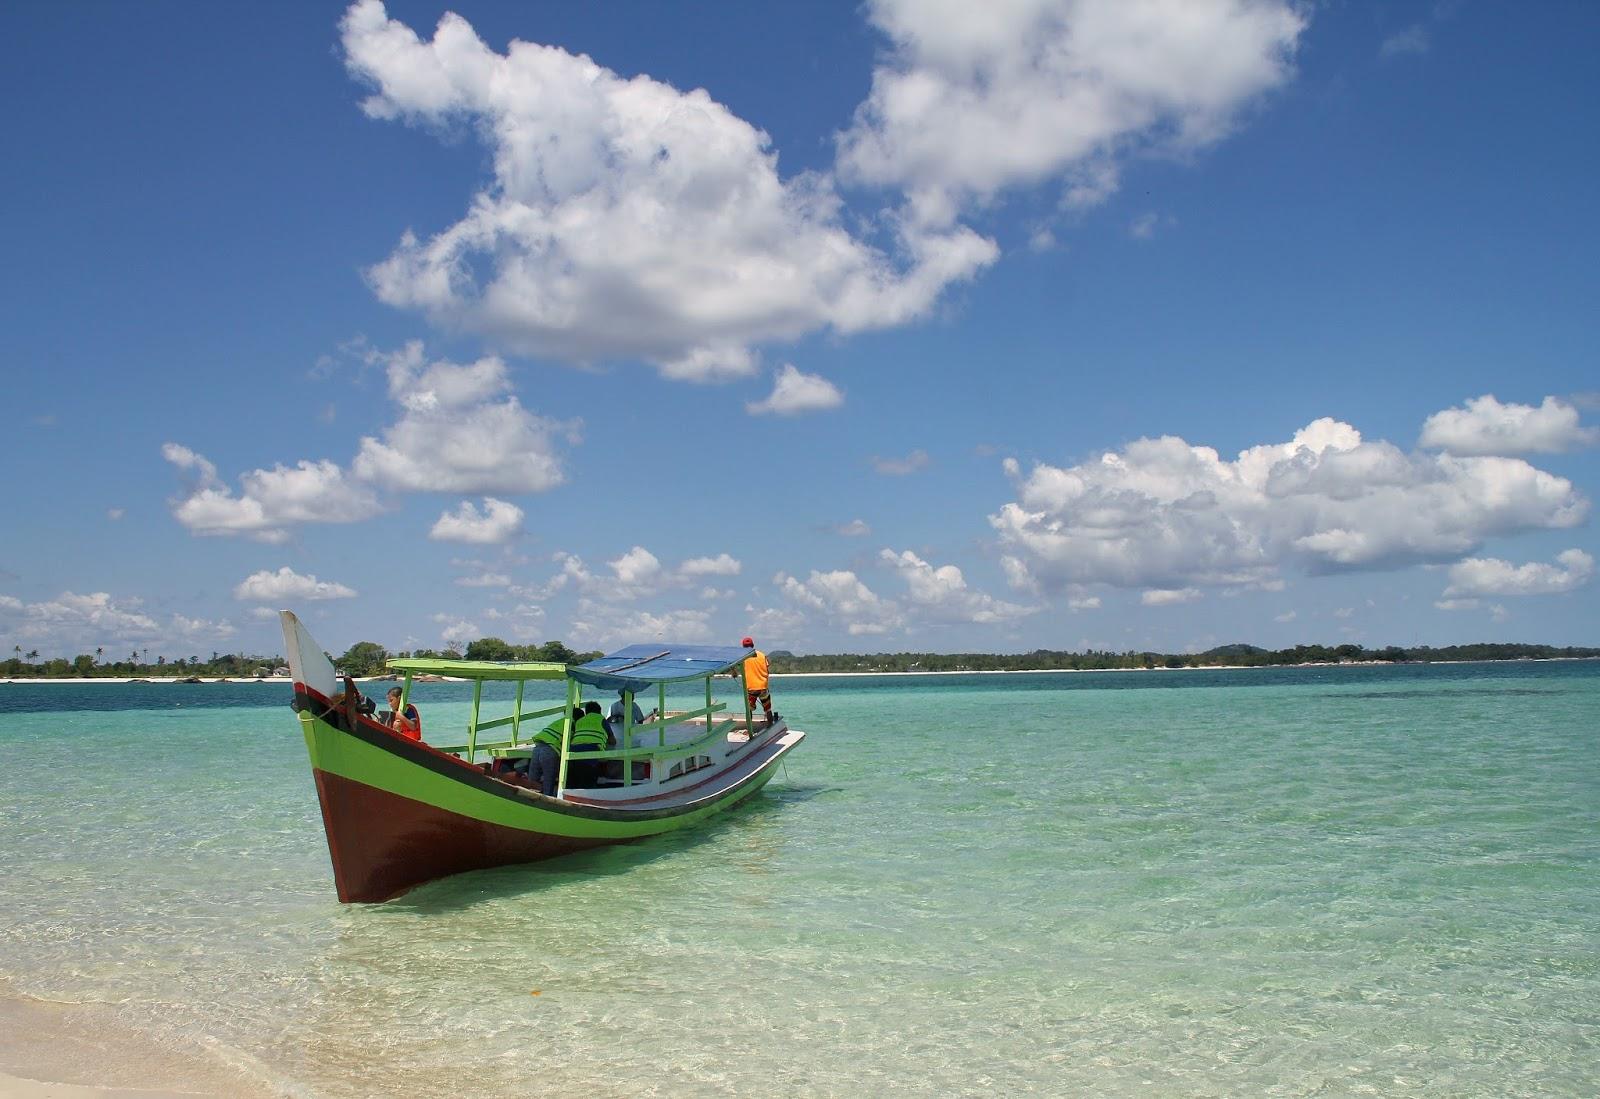 Belum ke Belitung kalau belum island hopping | Kembara ...